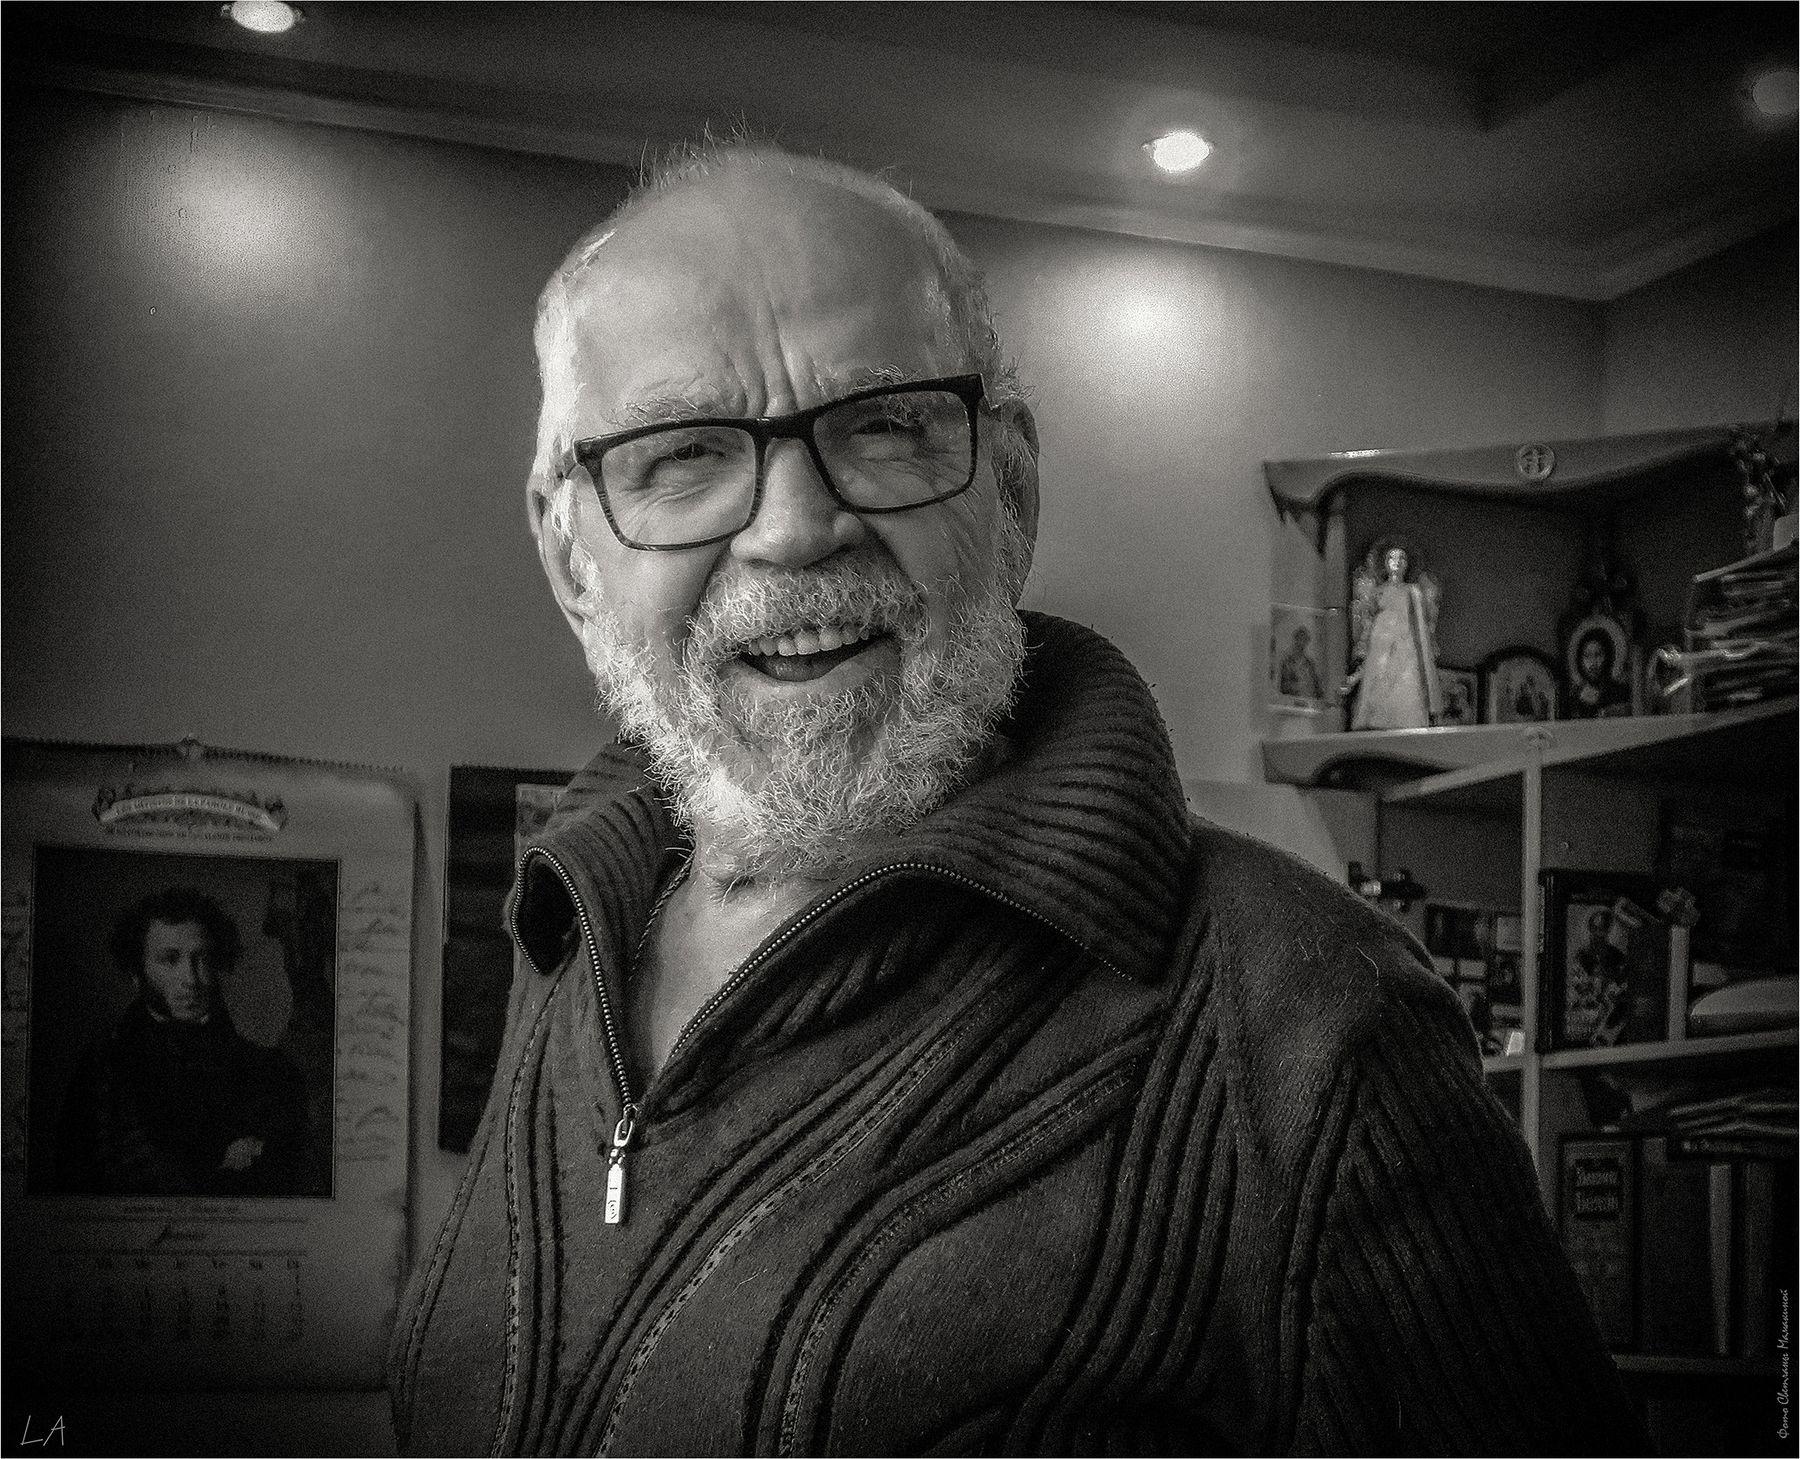 *Портрет 92-летнего писателя* фотография путешествие Дивноморское писатель жанр портрет Фото.Сайт Светлана Мамакина Lihgra Adventure Photo.Sight